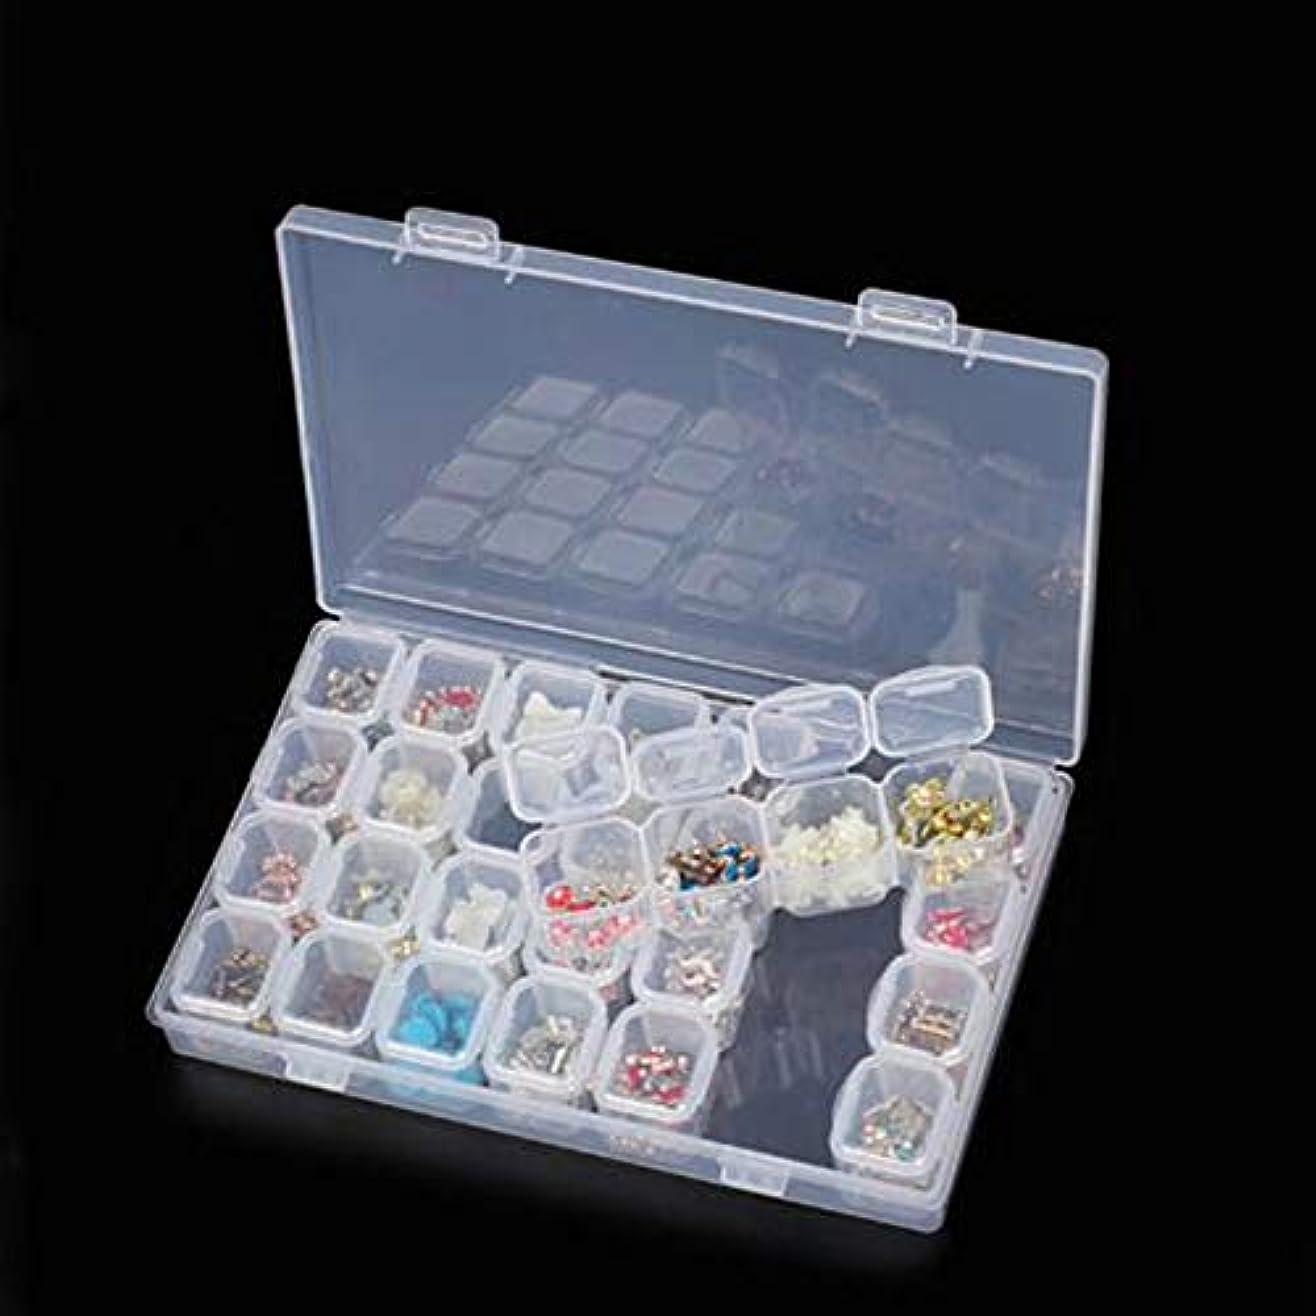 付き添い人人気修羅場AAcreatspace 28スロットプラスチック収納ボックスダイヤモンド塗装キットネイルアートラインストーンツールビーズ収納ボックスケースオーガナイザーホルダー